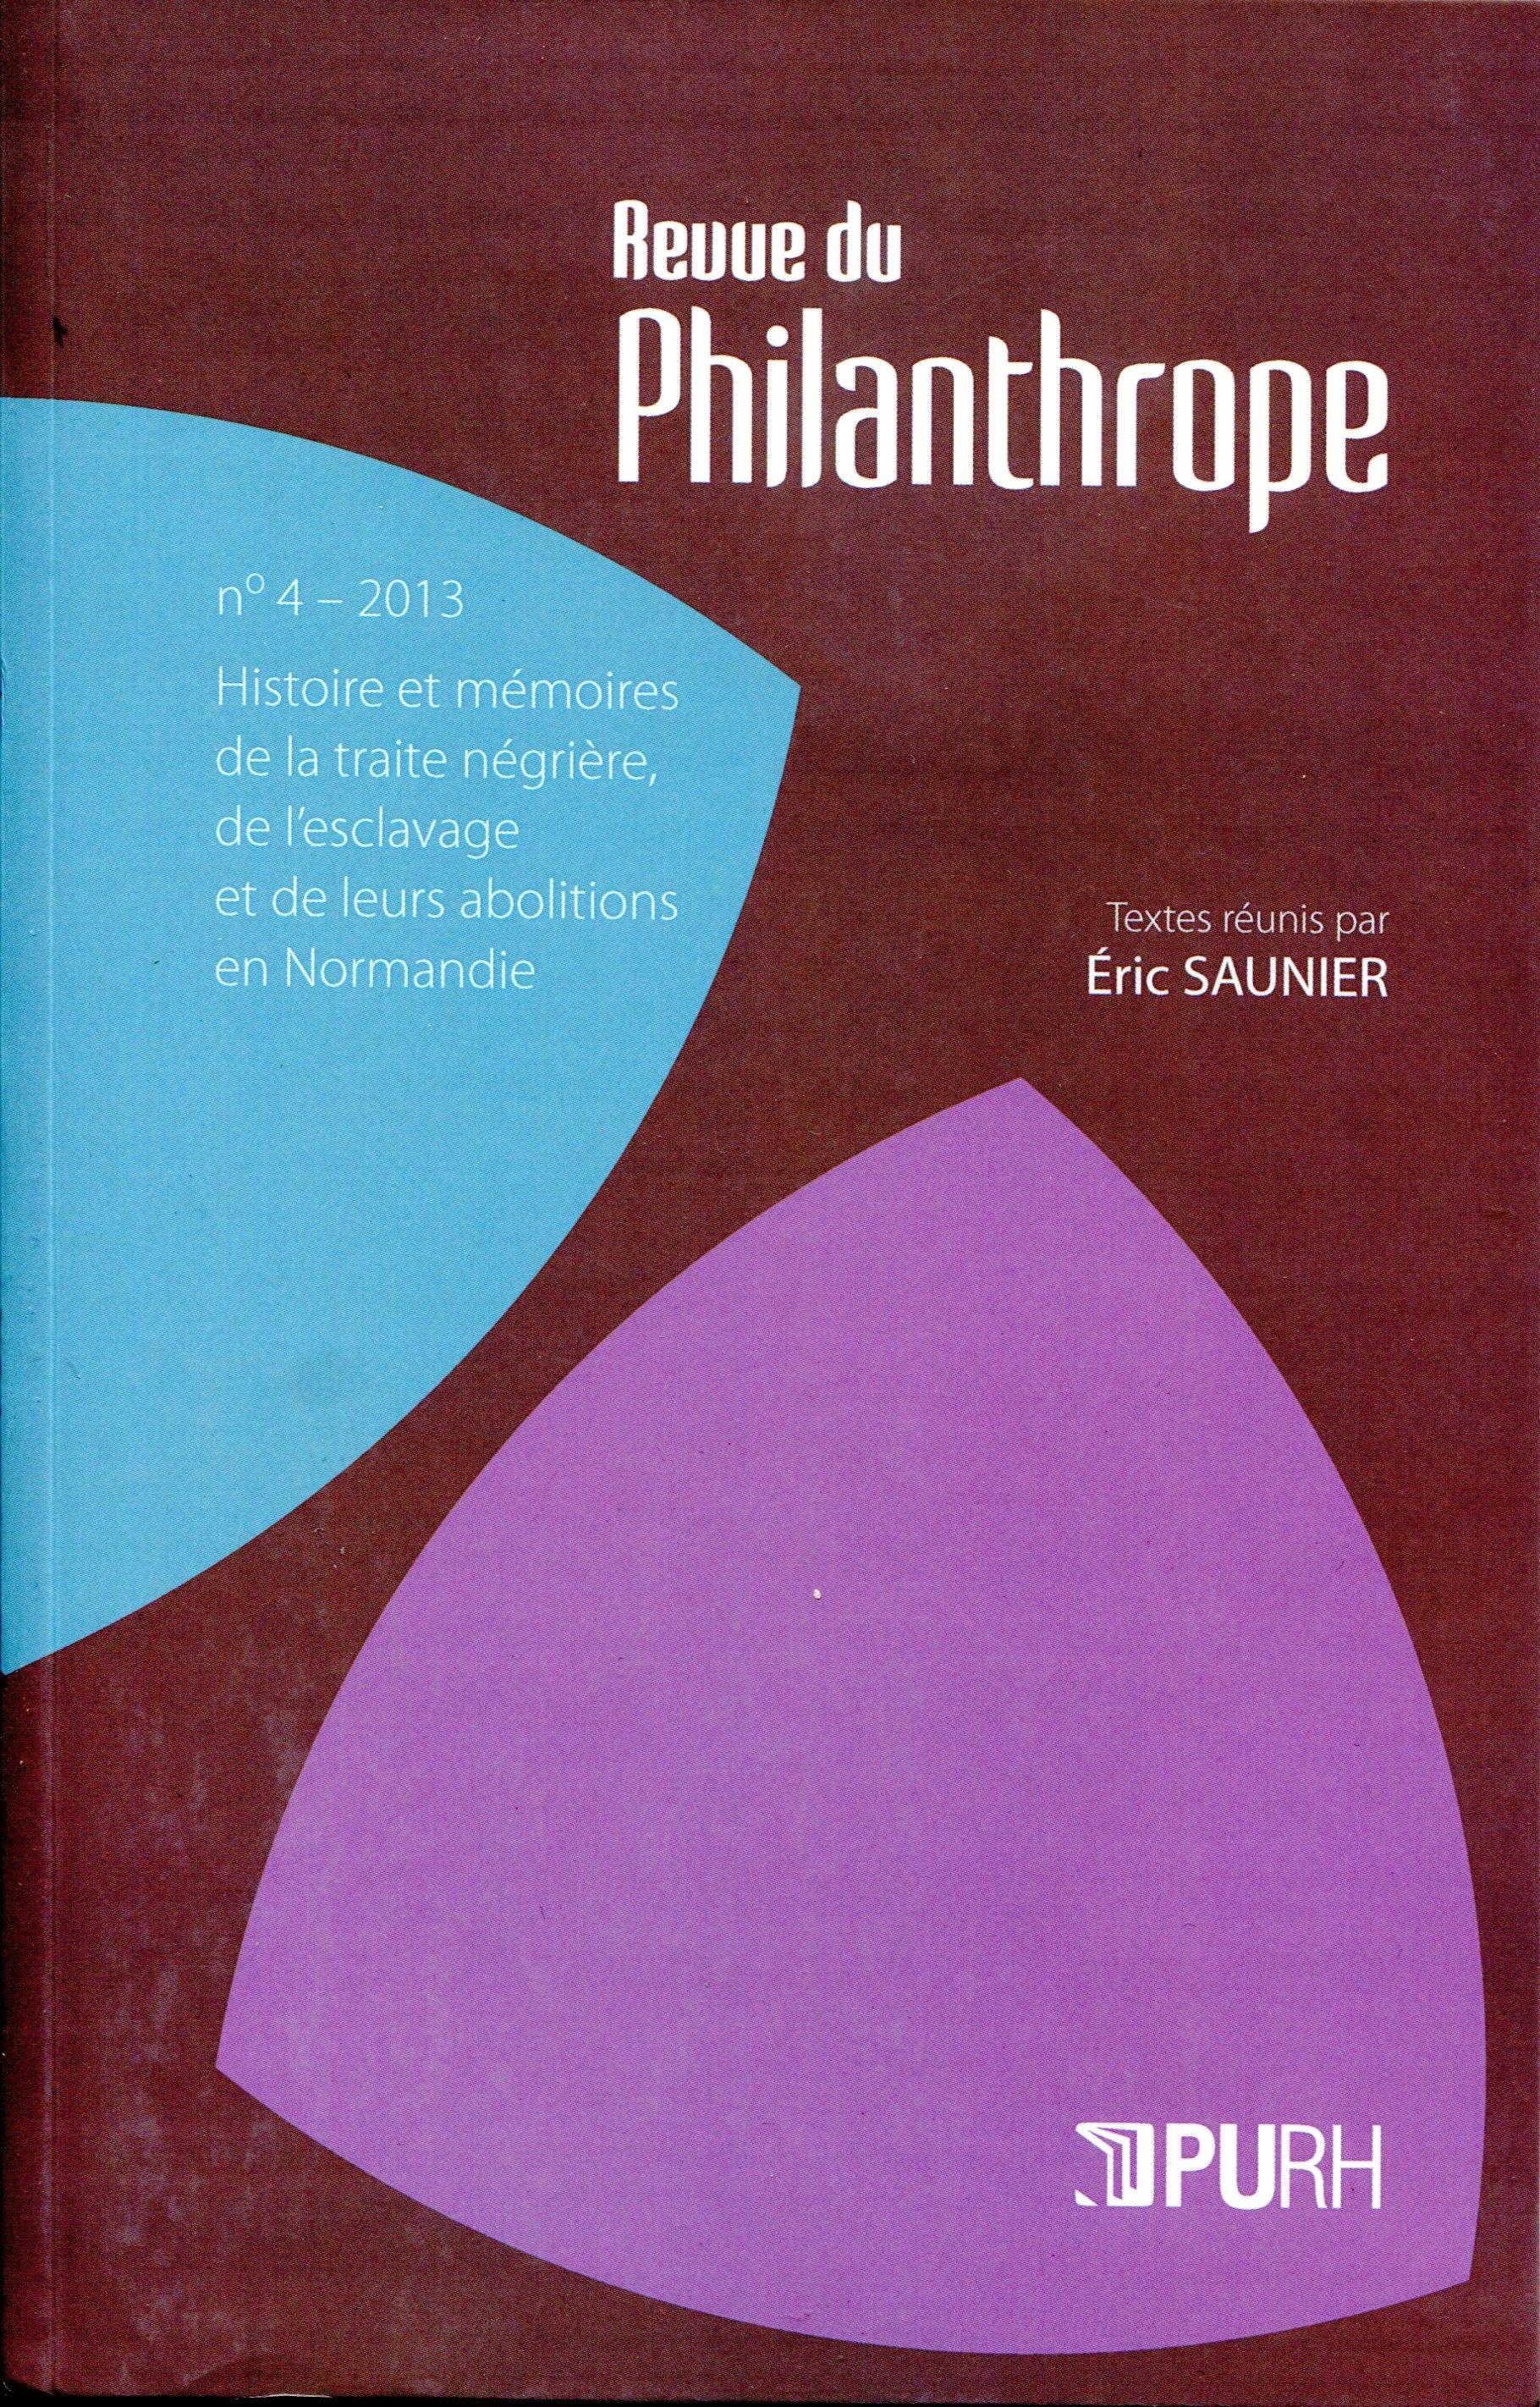 La revue du philanthrope, n  4/2013. histoire et memoires de la trait e negriere, de l'esclavage et